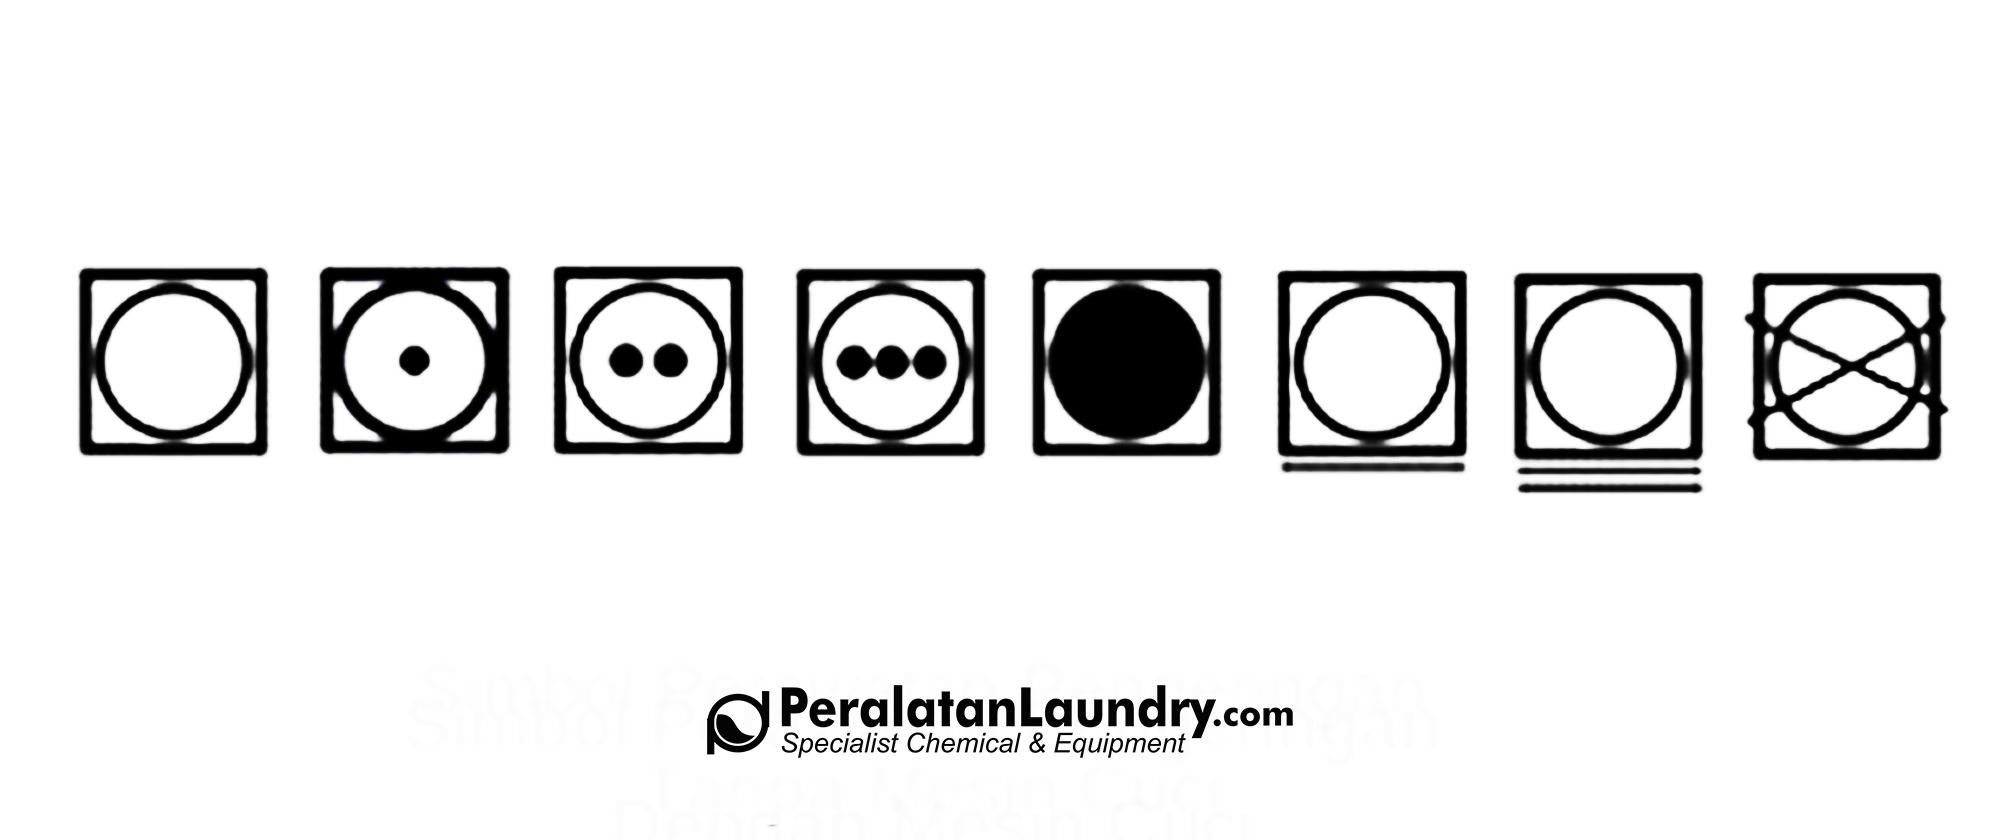 simbol perawatan pakaian pengeringan dengan mesin